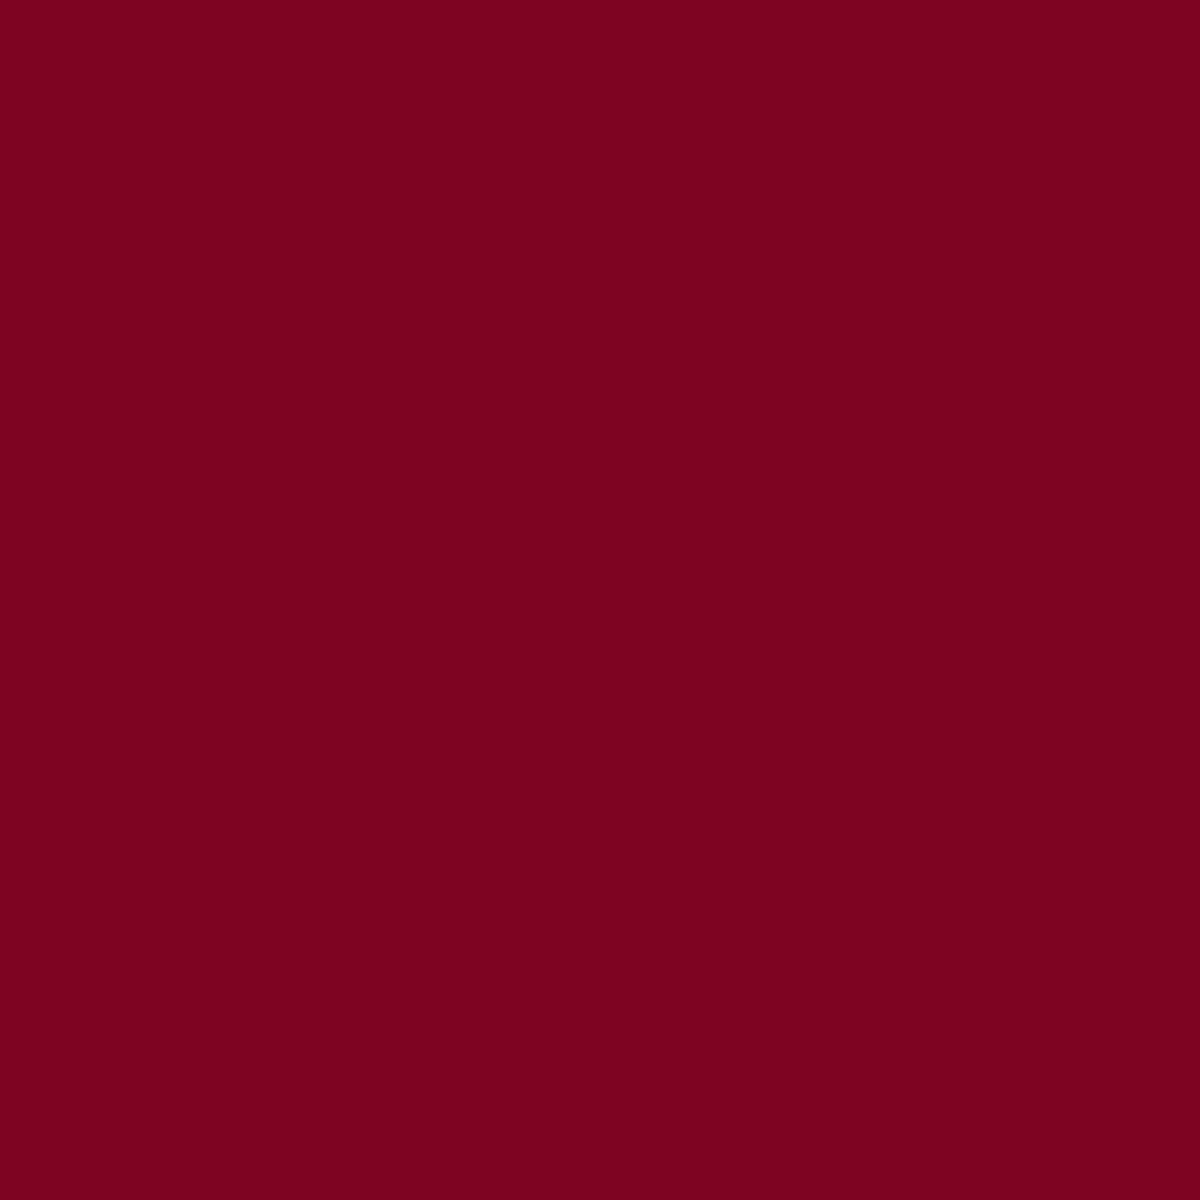 Виниловая самоклеющаяся пленка G-3221 (глянец) 1,06м